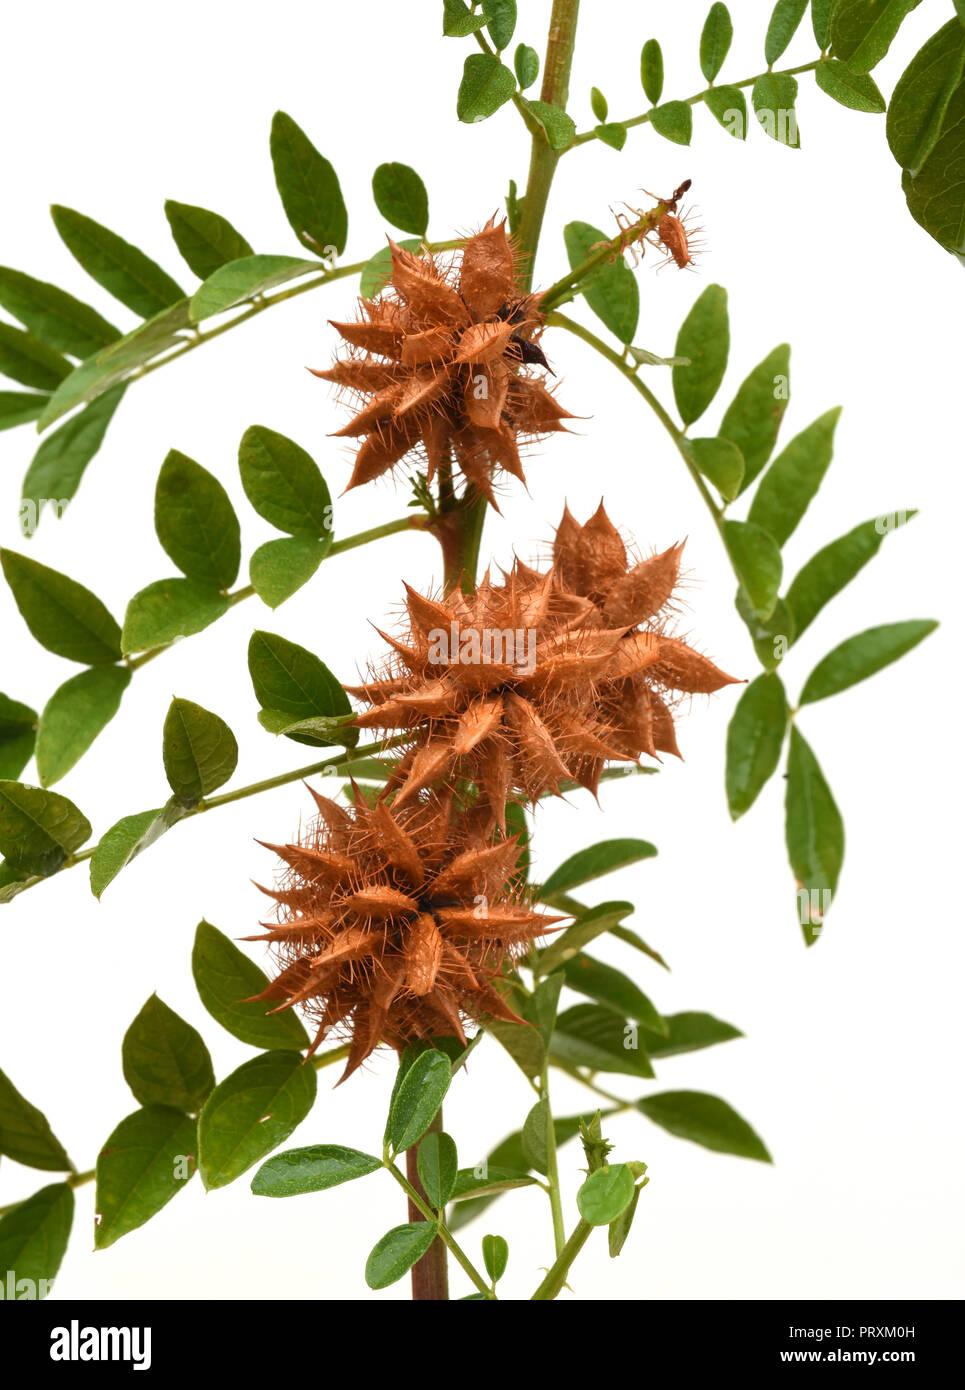 Suessholz, Glycyrrhiza glabra Stock Photo